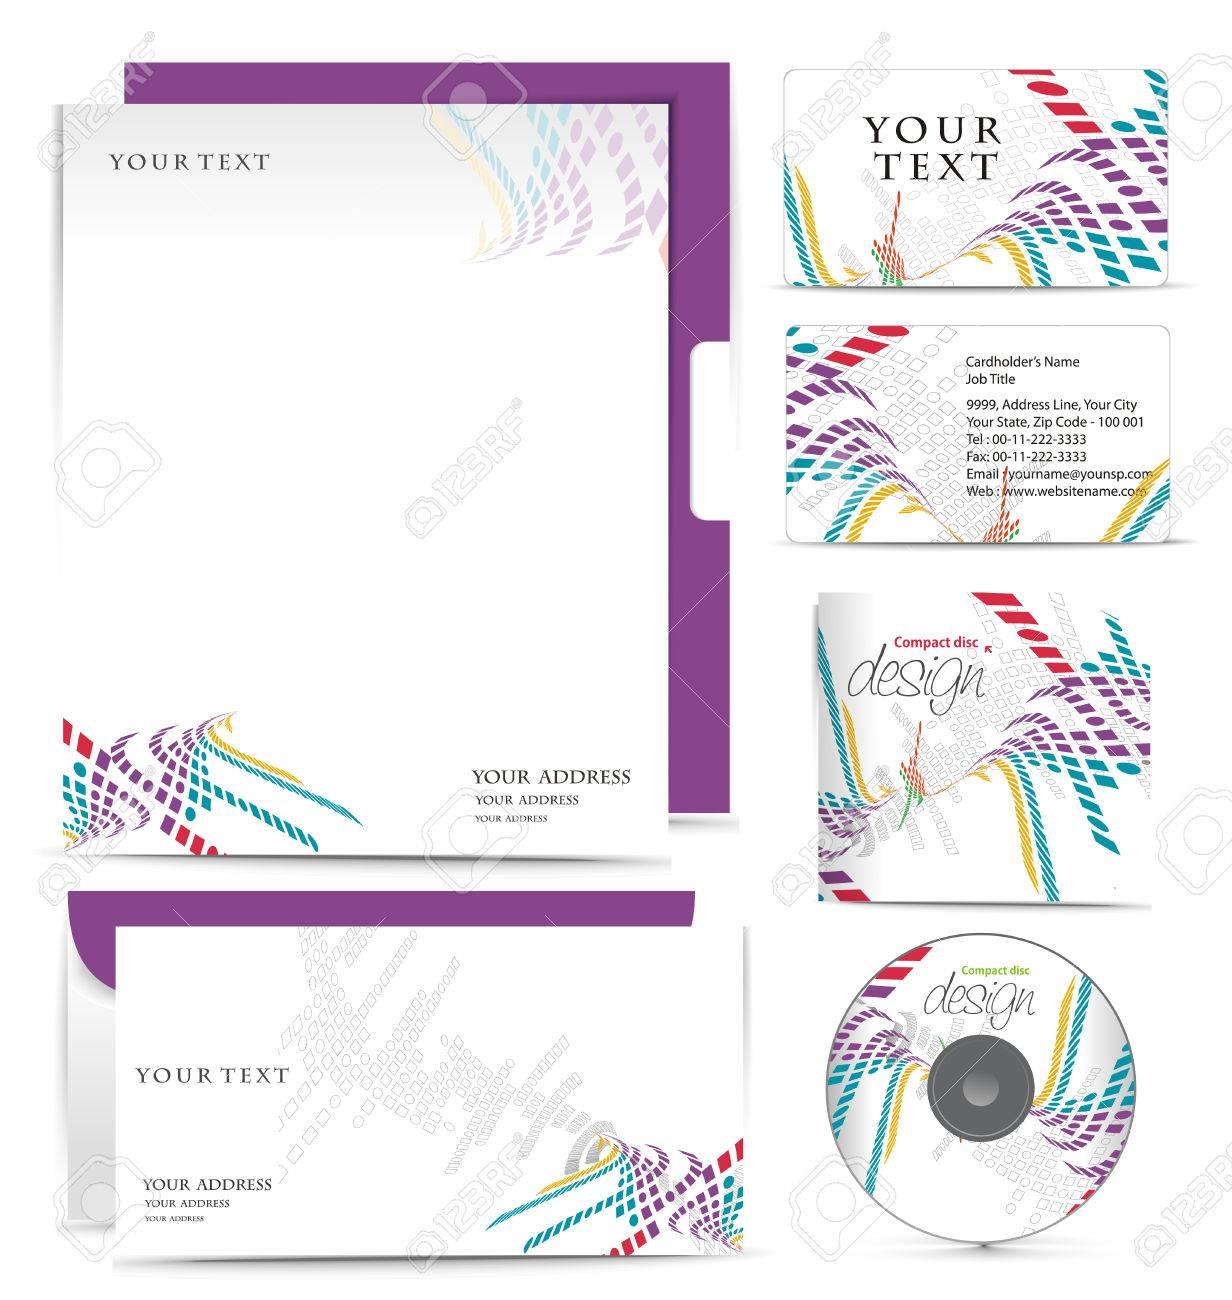 Business-Stil-Vorlagen Für Ihr Projektdesign, Illustration ...